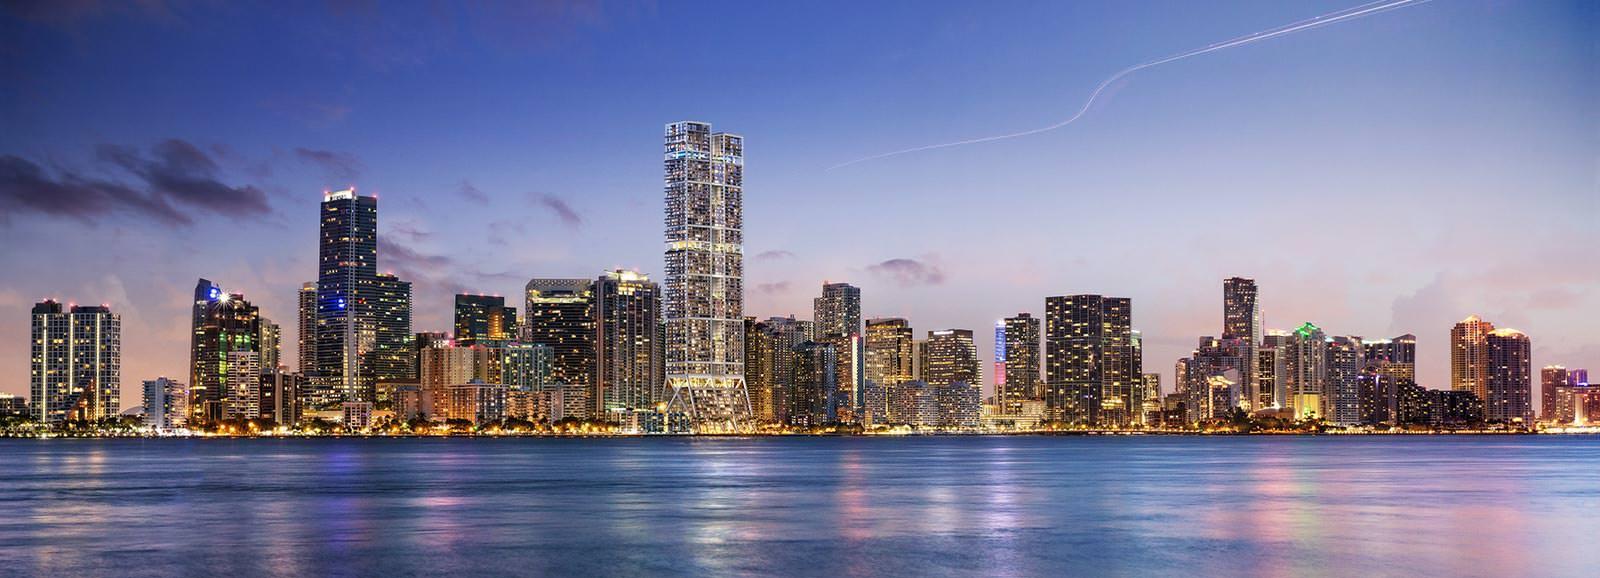 Башни-близнецы в Майами. Проект Нормана Фостера